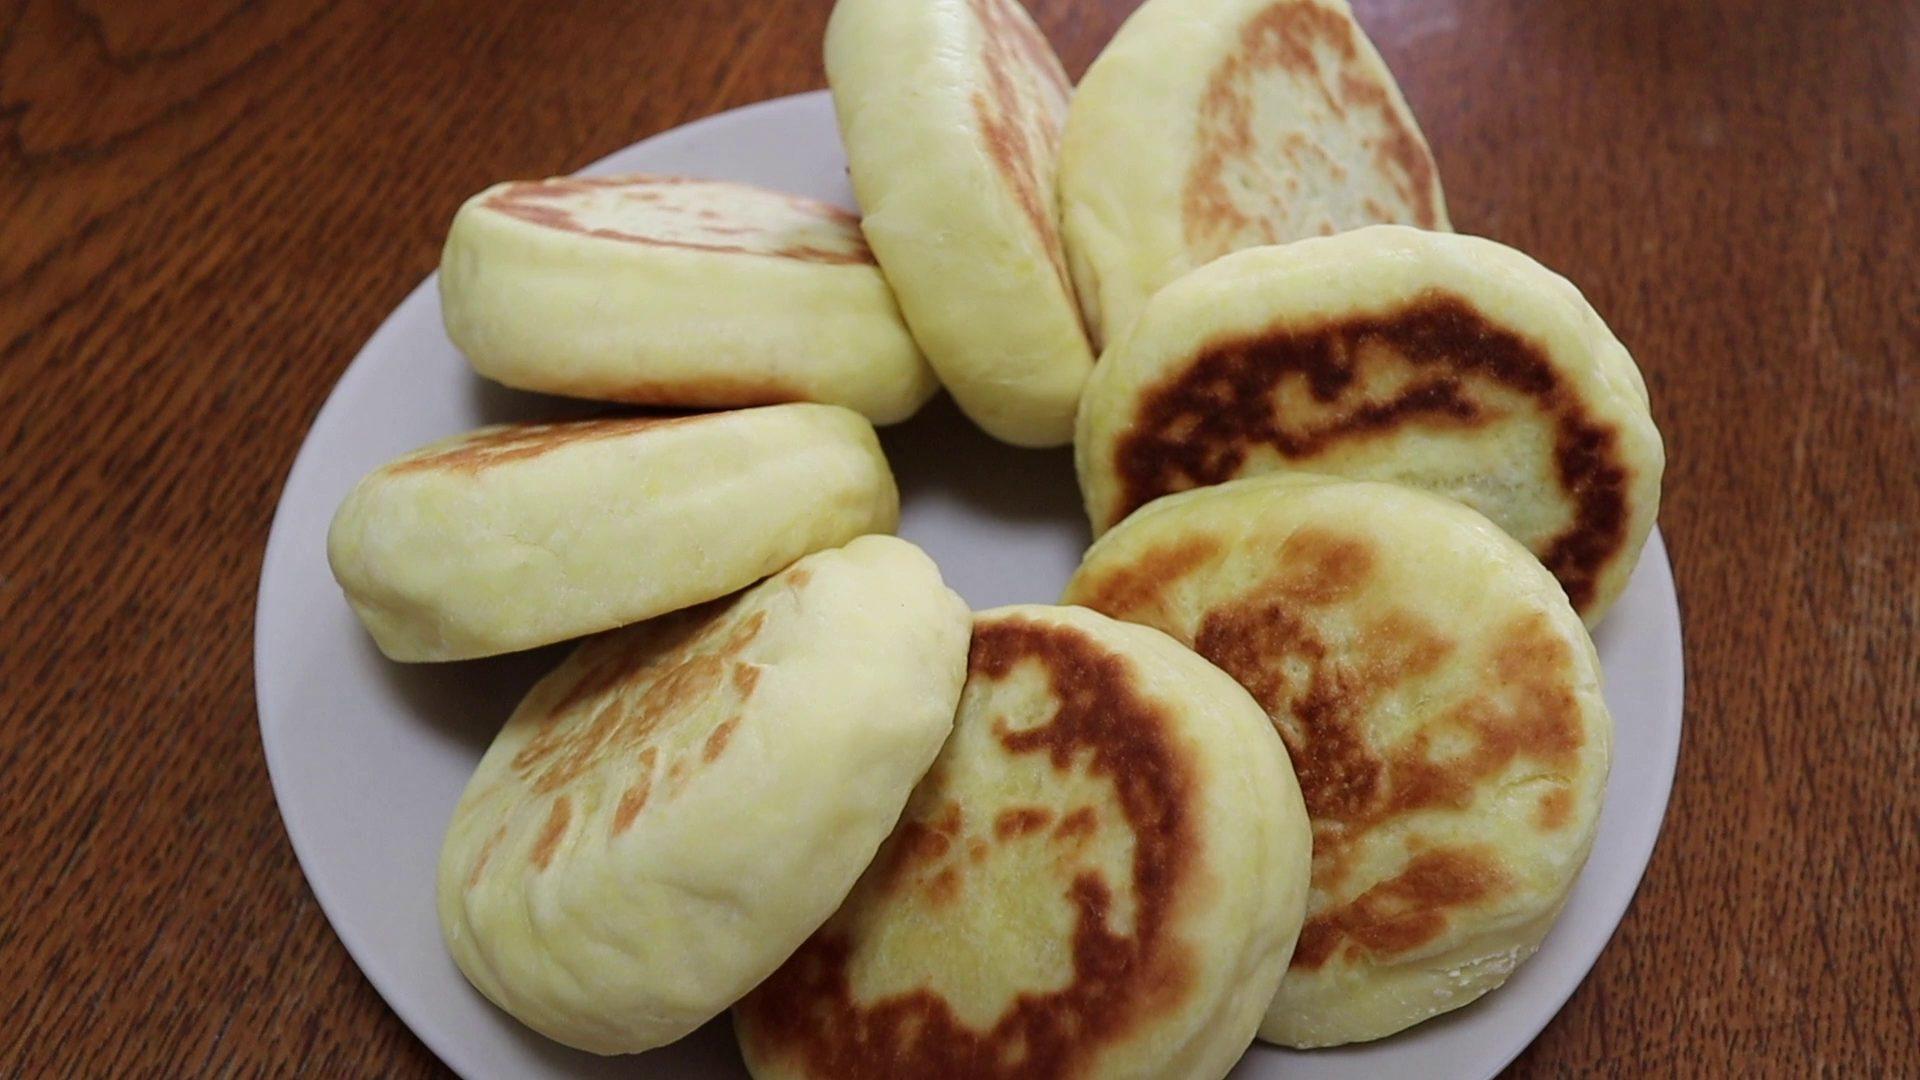 【コストコ】1個25円の韓国おやつ!ホットック(ホットク)の作り方